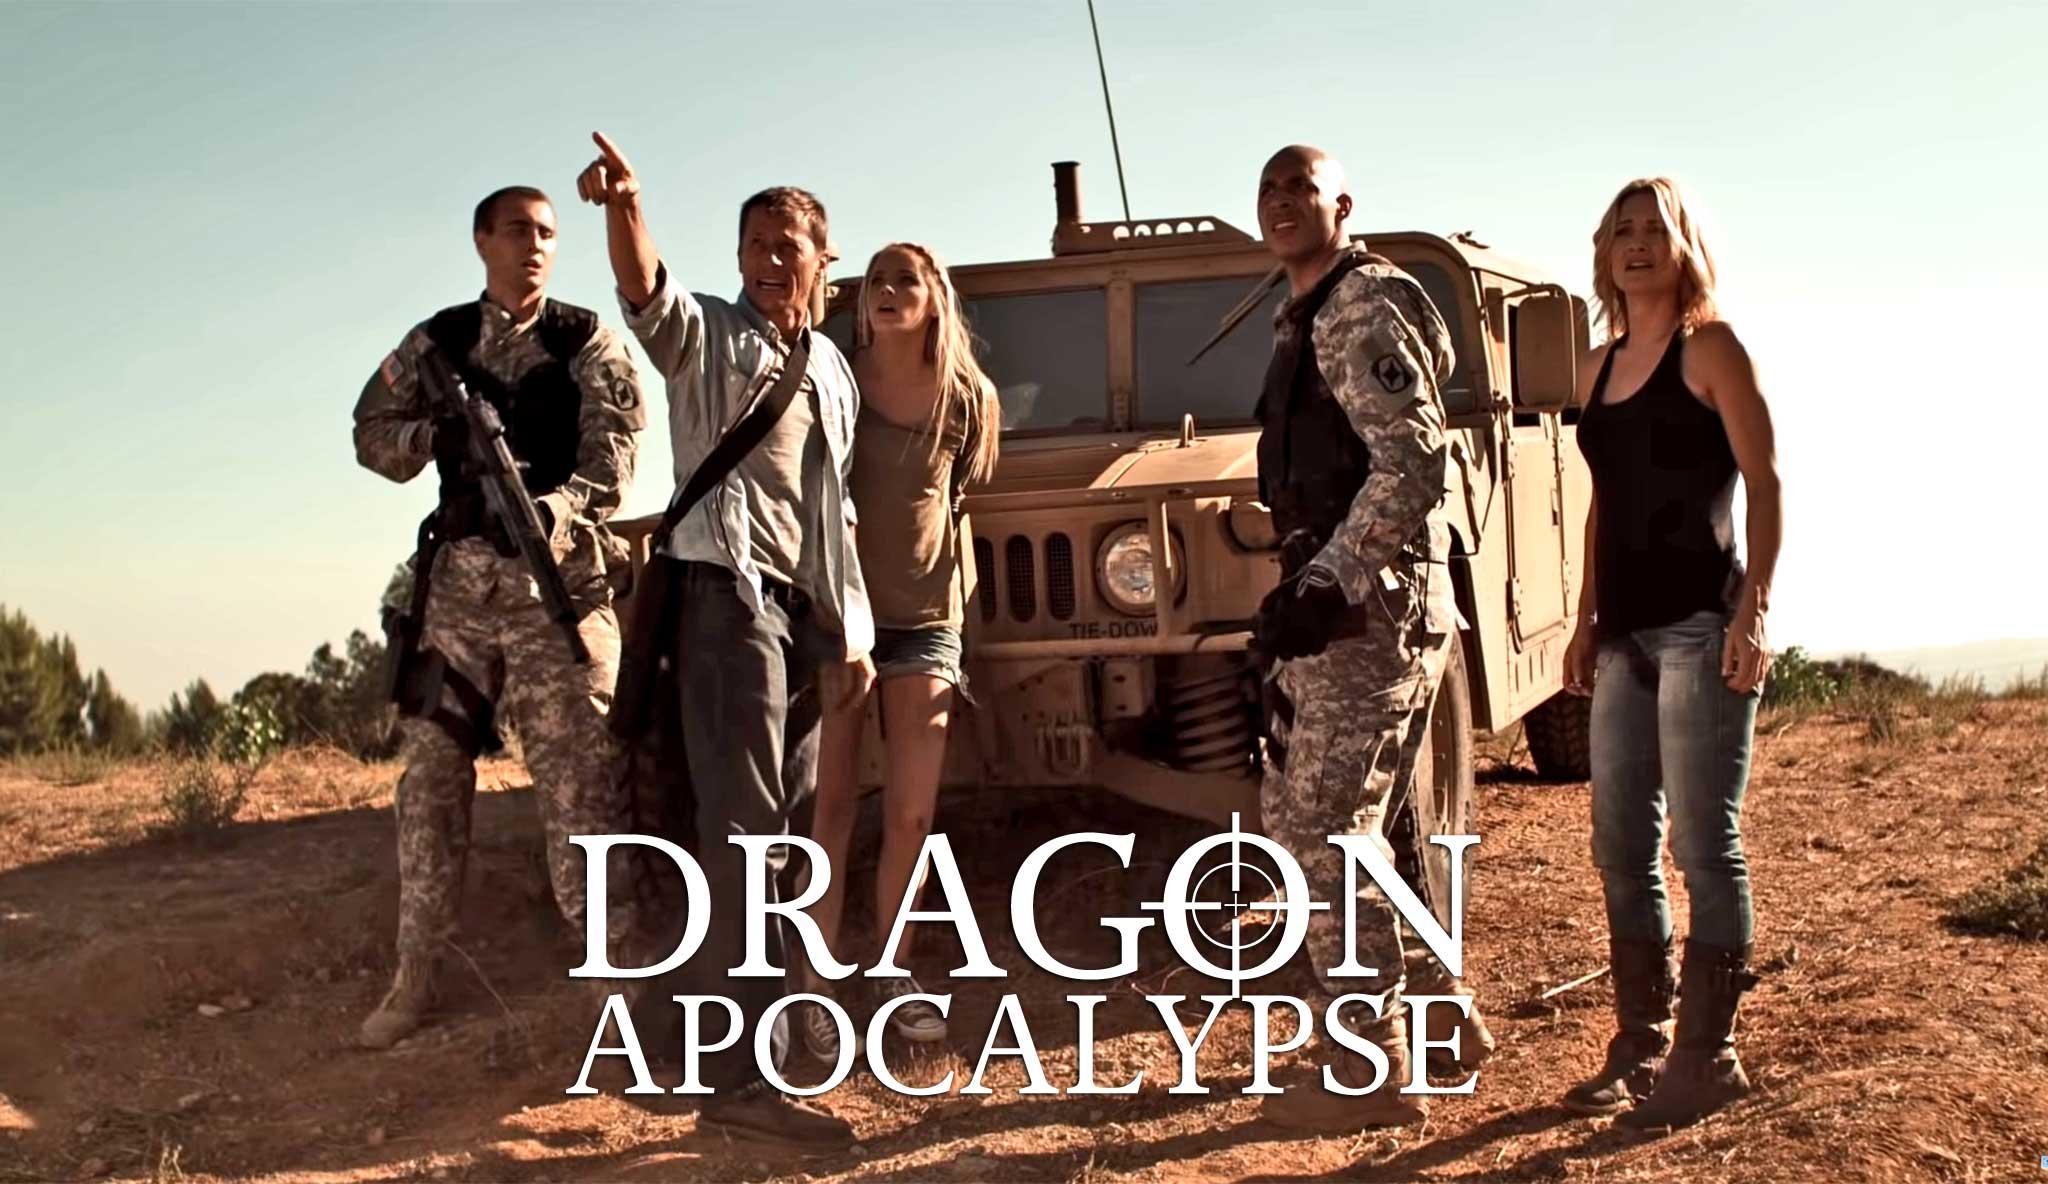 dragon-apocalypse-ihr-feuer-vernichtet-alles\header.jpg